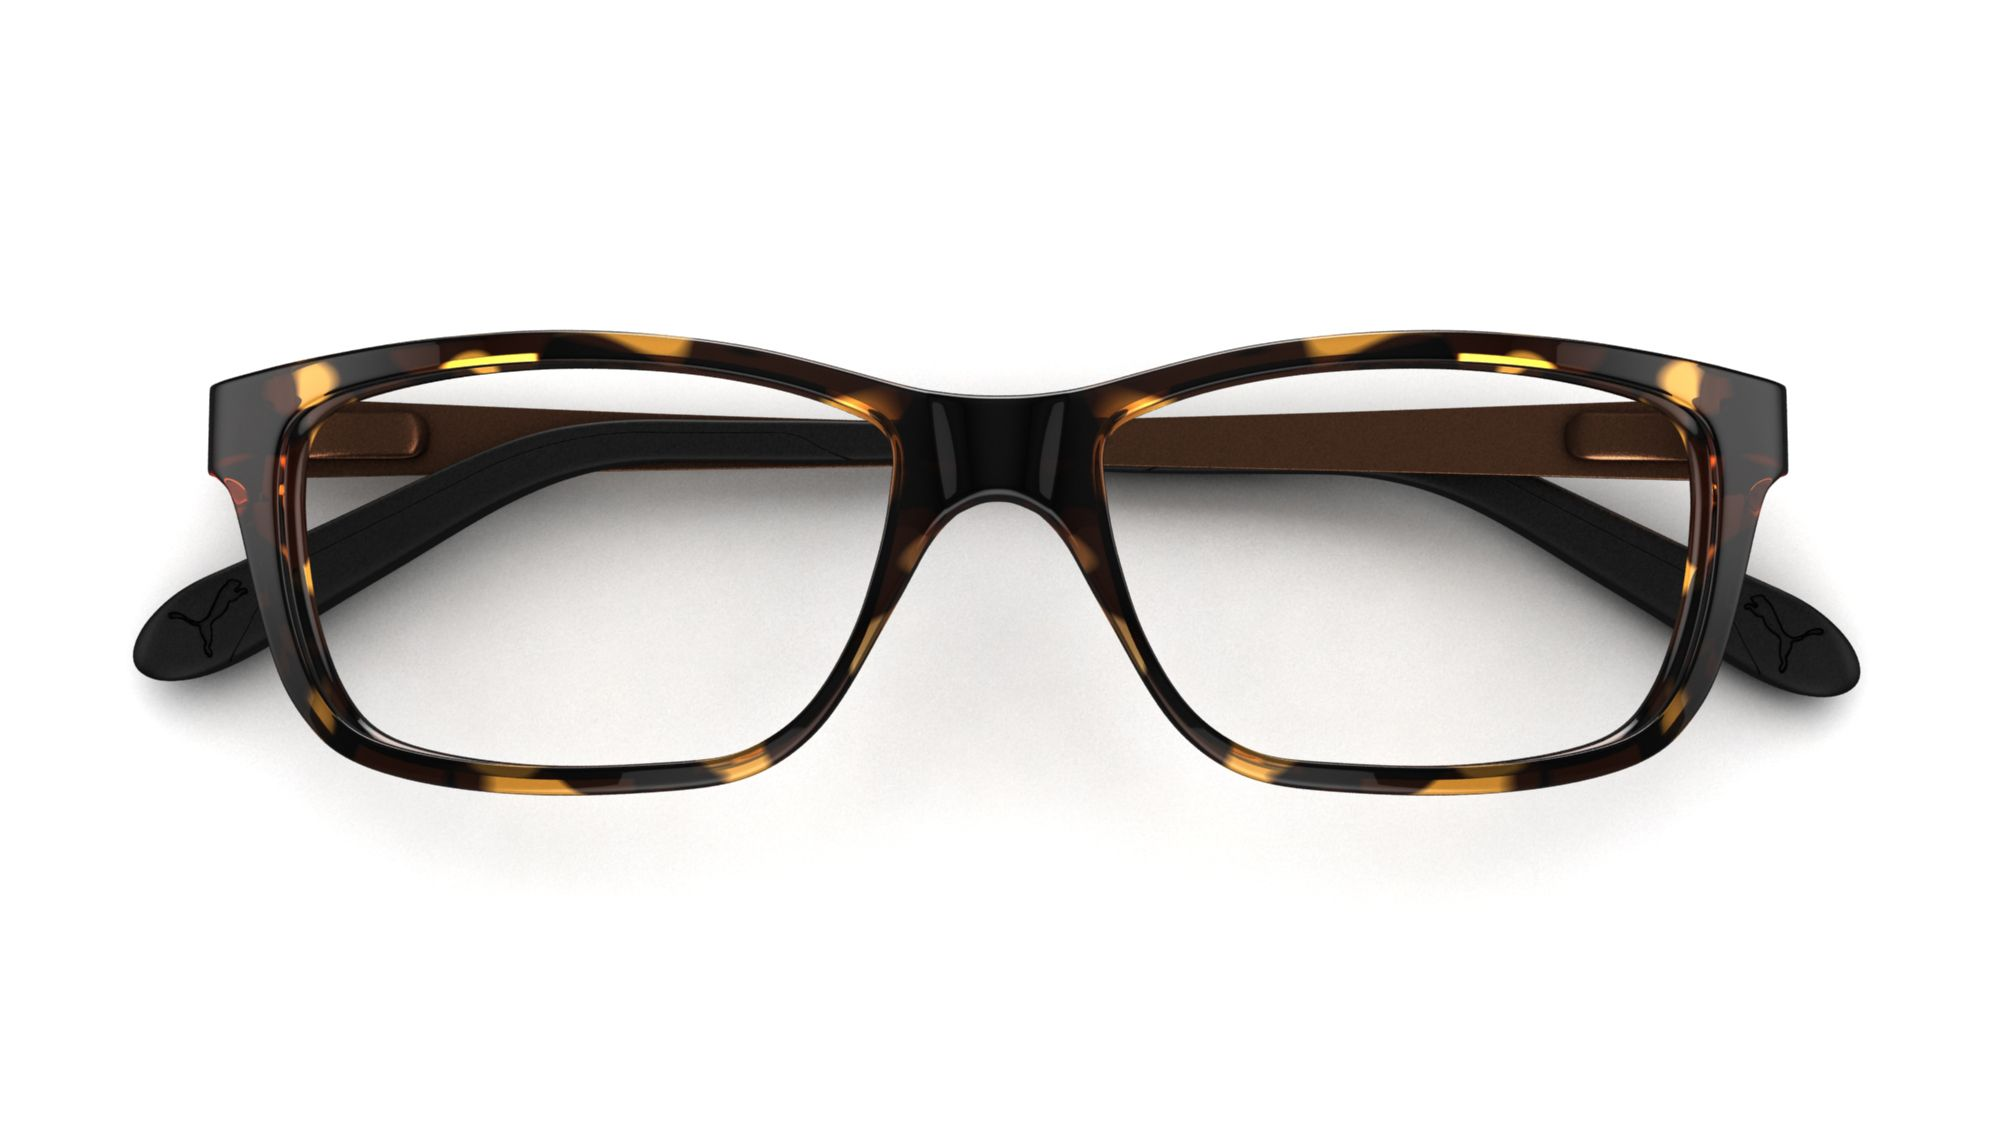 PUMA glasses - PUMA 05 | Glasses frames | Pinterest | Glasses ...